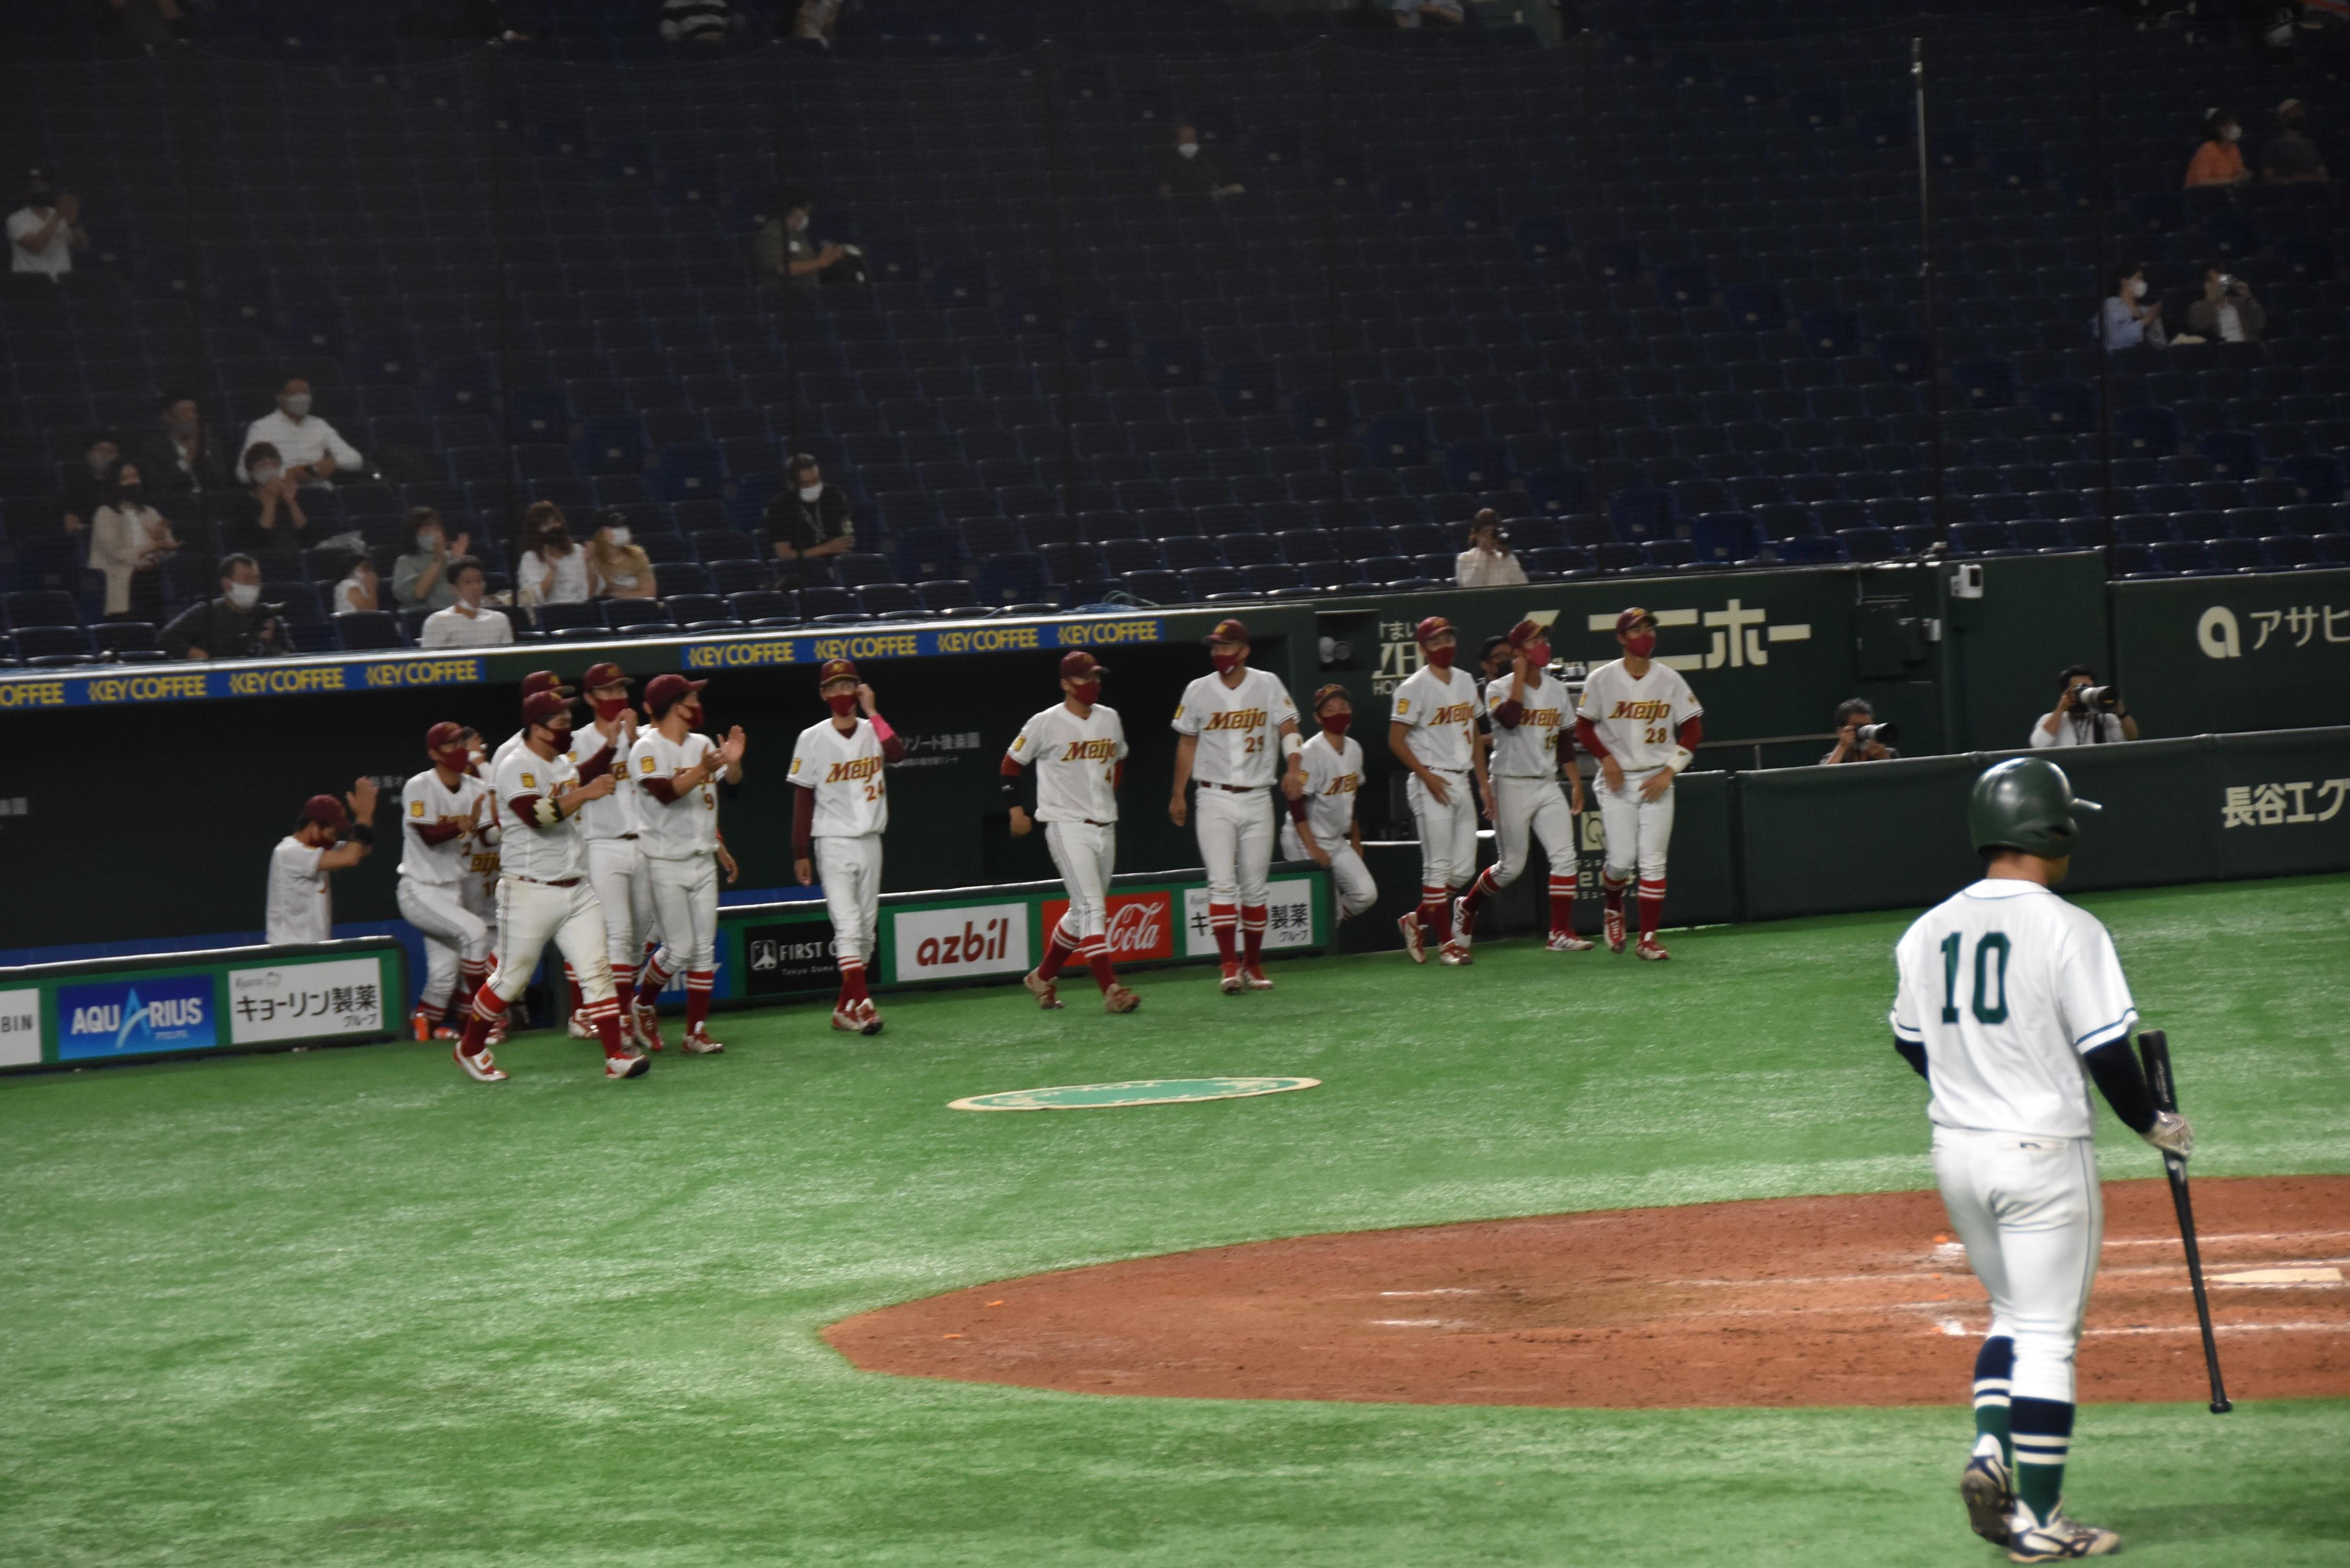 初戦突破が決まり拍手でベンチを飛び出す選手たち